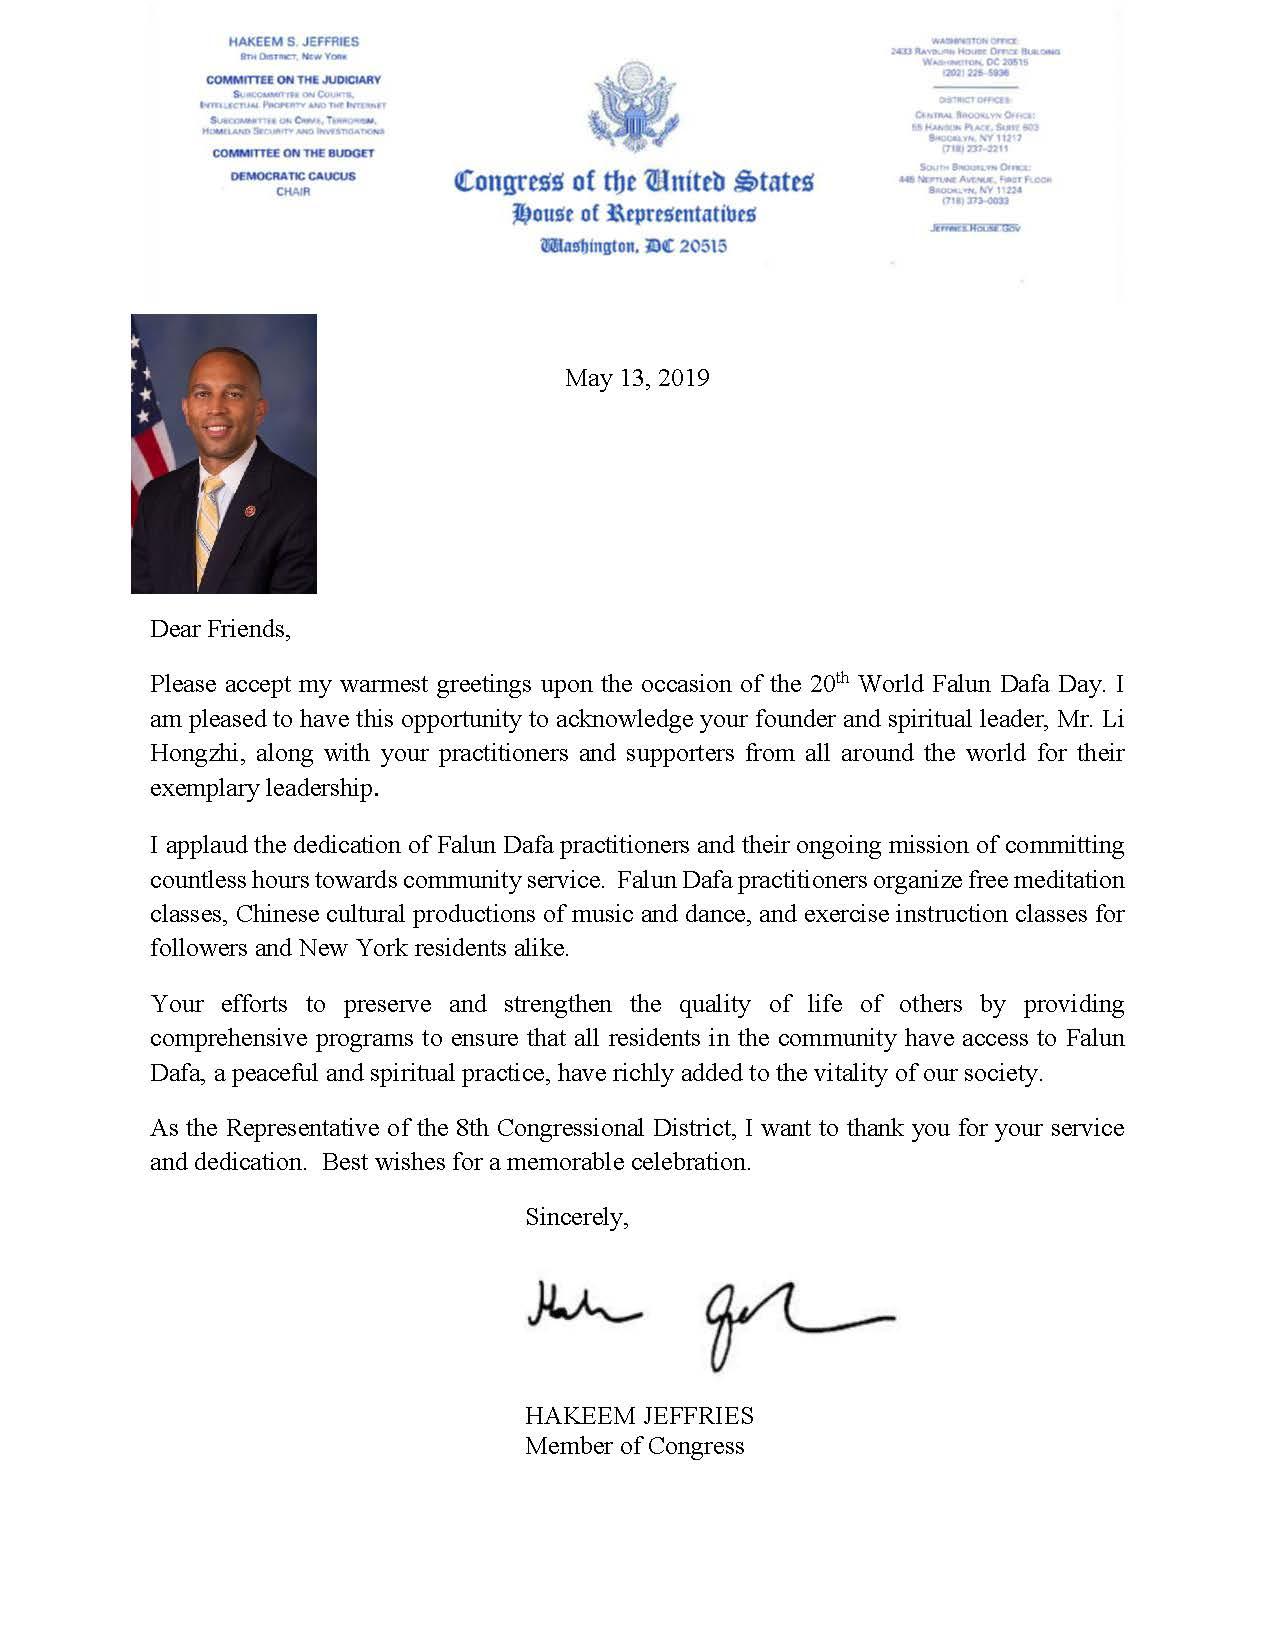 國會議員哈基姆‧傑弗裏斯的賀信。(明慧網)